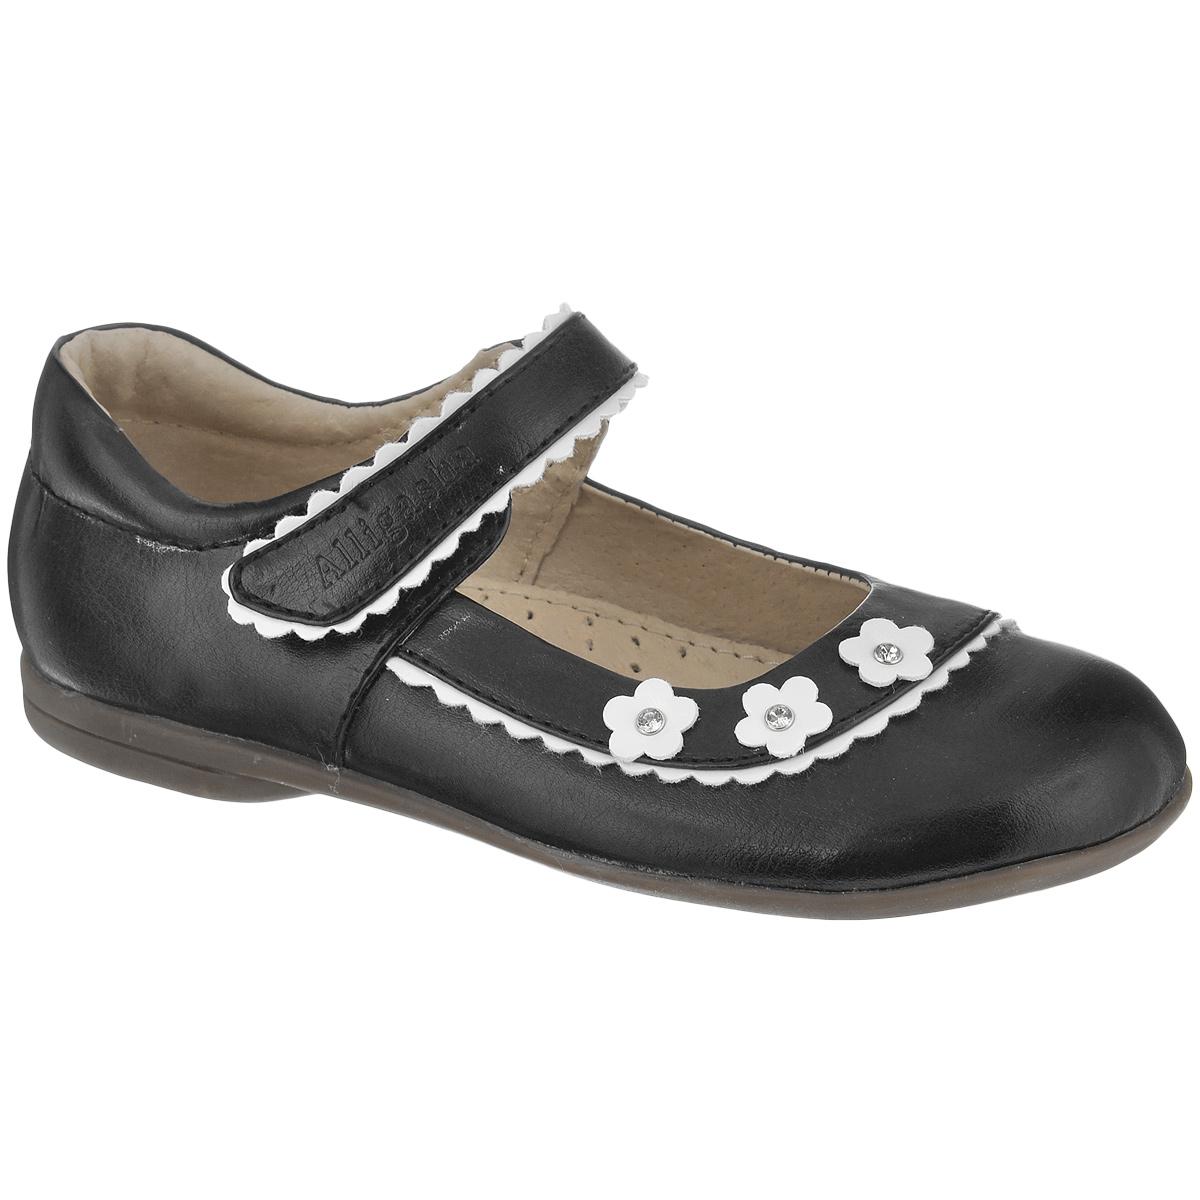 Туфли для девочки. 11-10211-102Прелестные туфли от Аллигаша очаруют вашу девочку с первого взгляда! Модель с округлым мысом выполнена из искусственной кожи и оформлена фигурным кантом, аппликацией в виде цветочков, стразами в металлической оправе. Ремешок на застежке-липучке, оформленный тисненым названием бренда, обеспечивает надежную фиксацию обуви на ноге. Стелька с супинатором, выполненная из натуральной кожи, обеспечивает правильное положение ноги ребенка при ходьбе, предотвращает плоскостопие. Подошва с рифлением в виде оригинального рисунка обеспечивает идеальное сцепление с любой поверхностью. Чудесные туфли подойдут как для повседневной носки, так и для торжественных случаев.